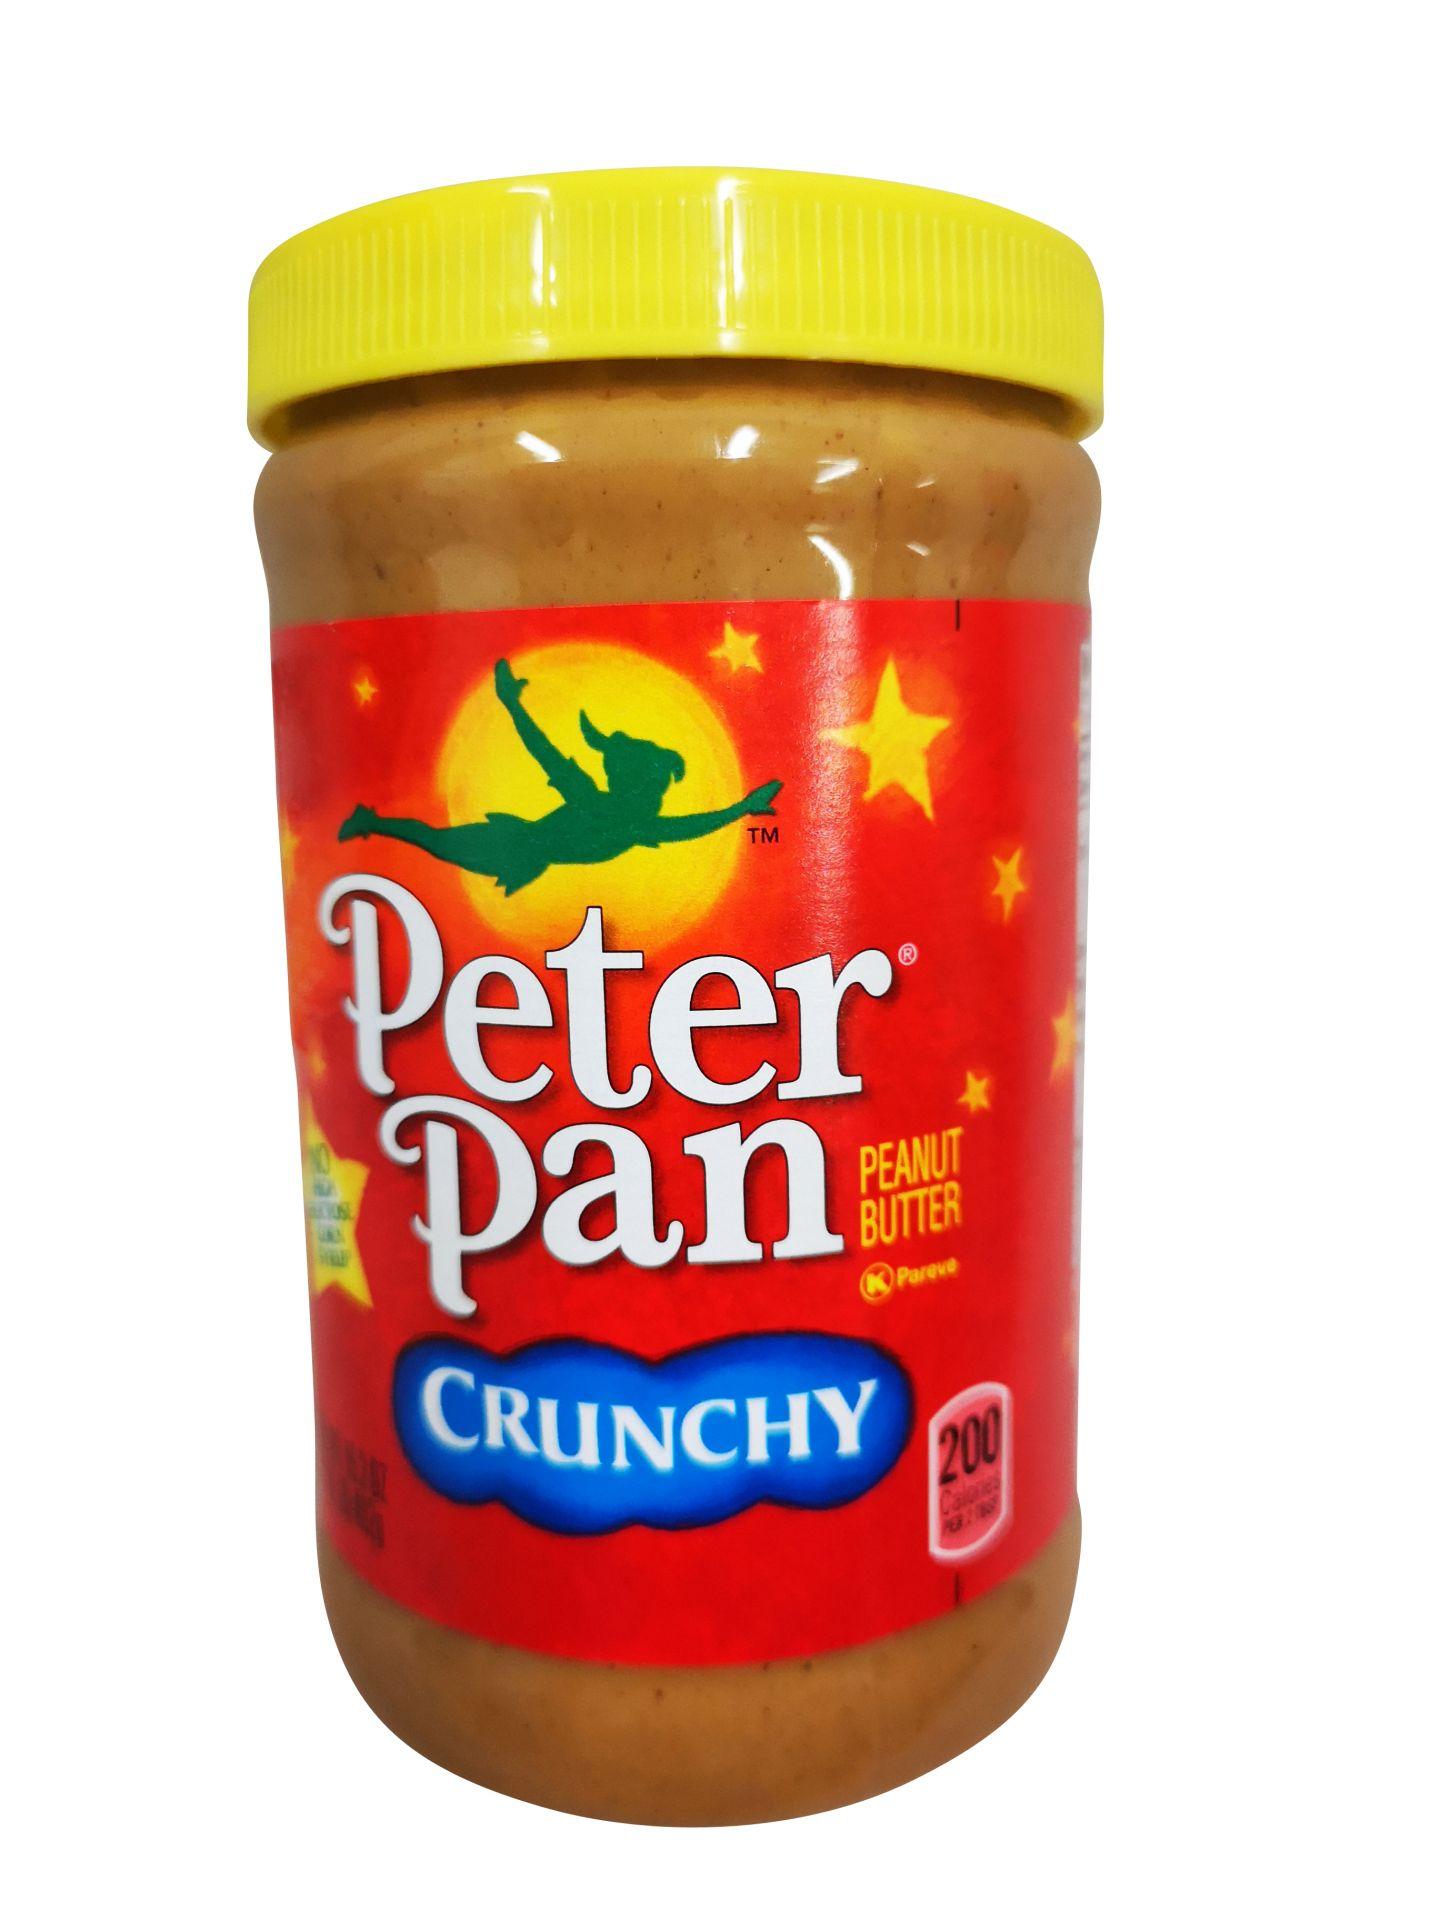 Peter Pan Crunchy